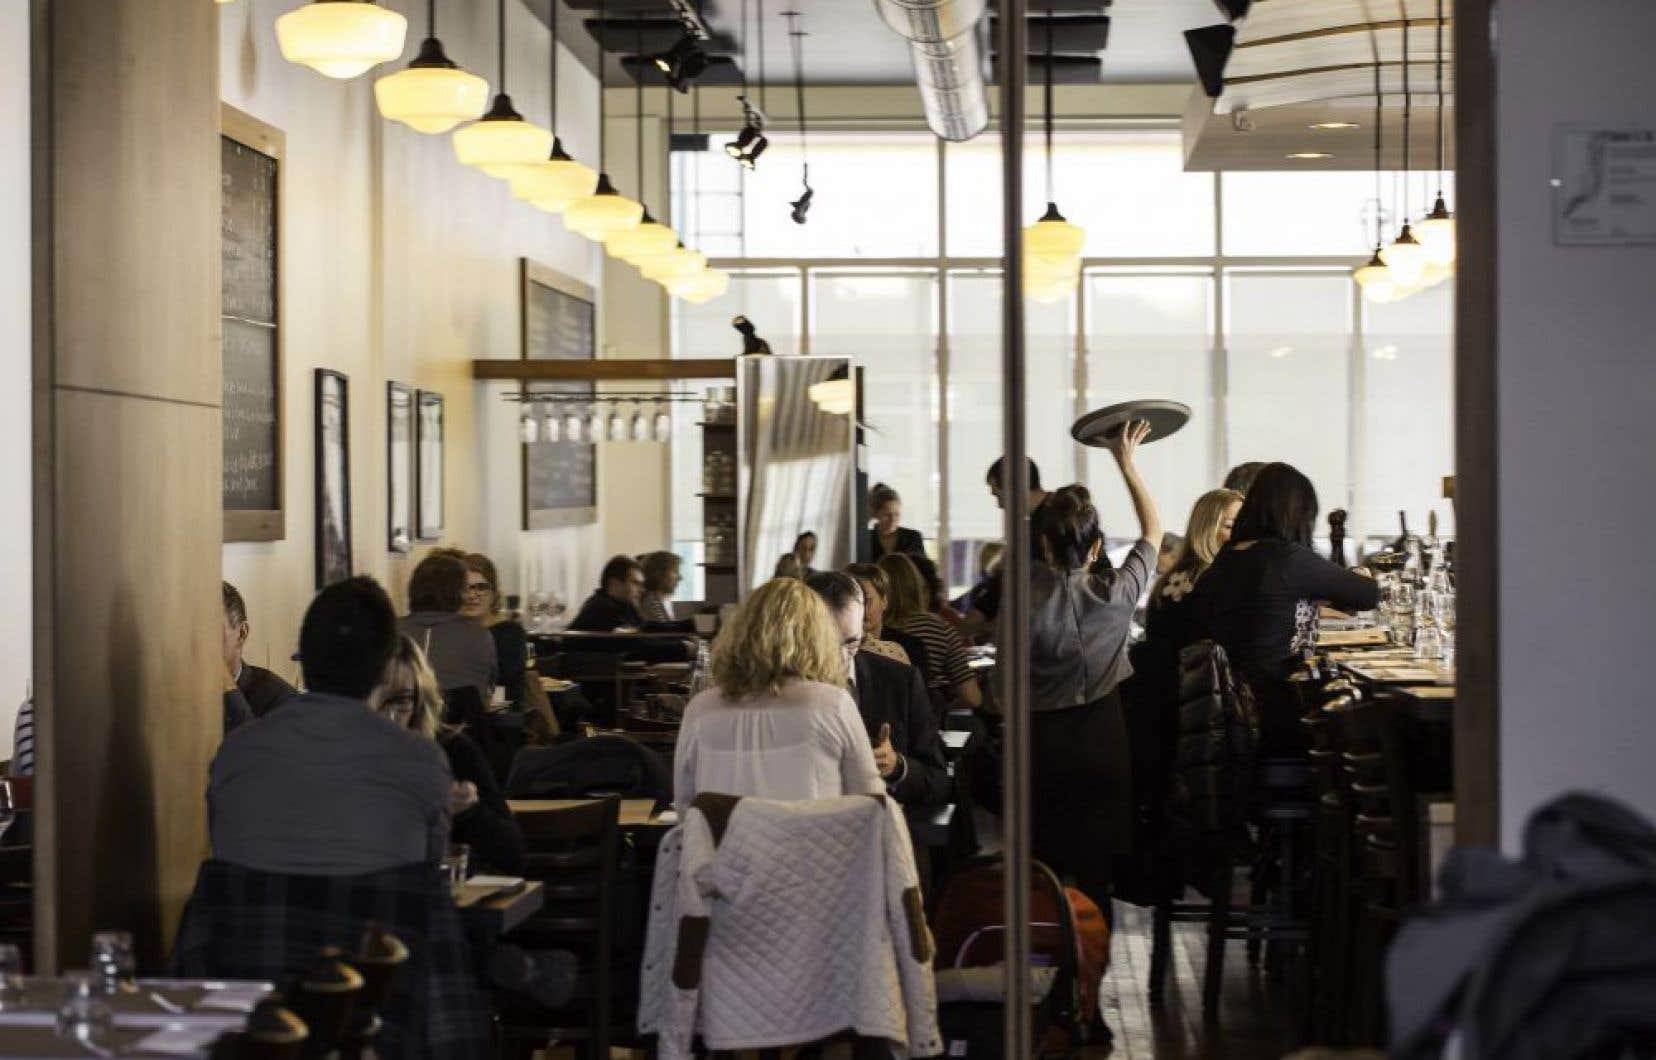 Le très joli restaurant Auguste, habituellement, bourdonne les midis et les soirs de fin de semaine.